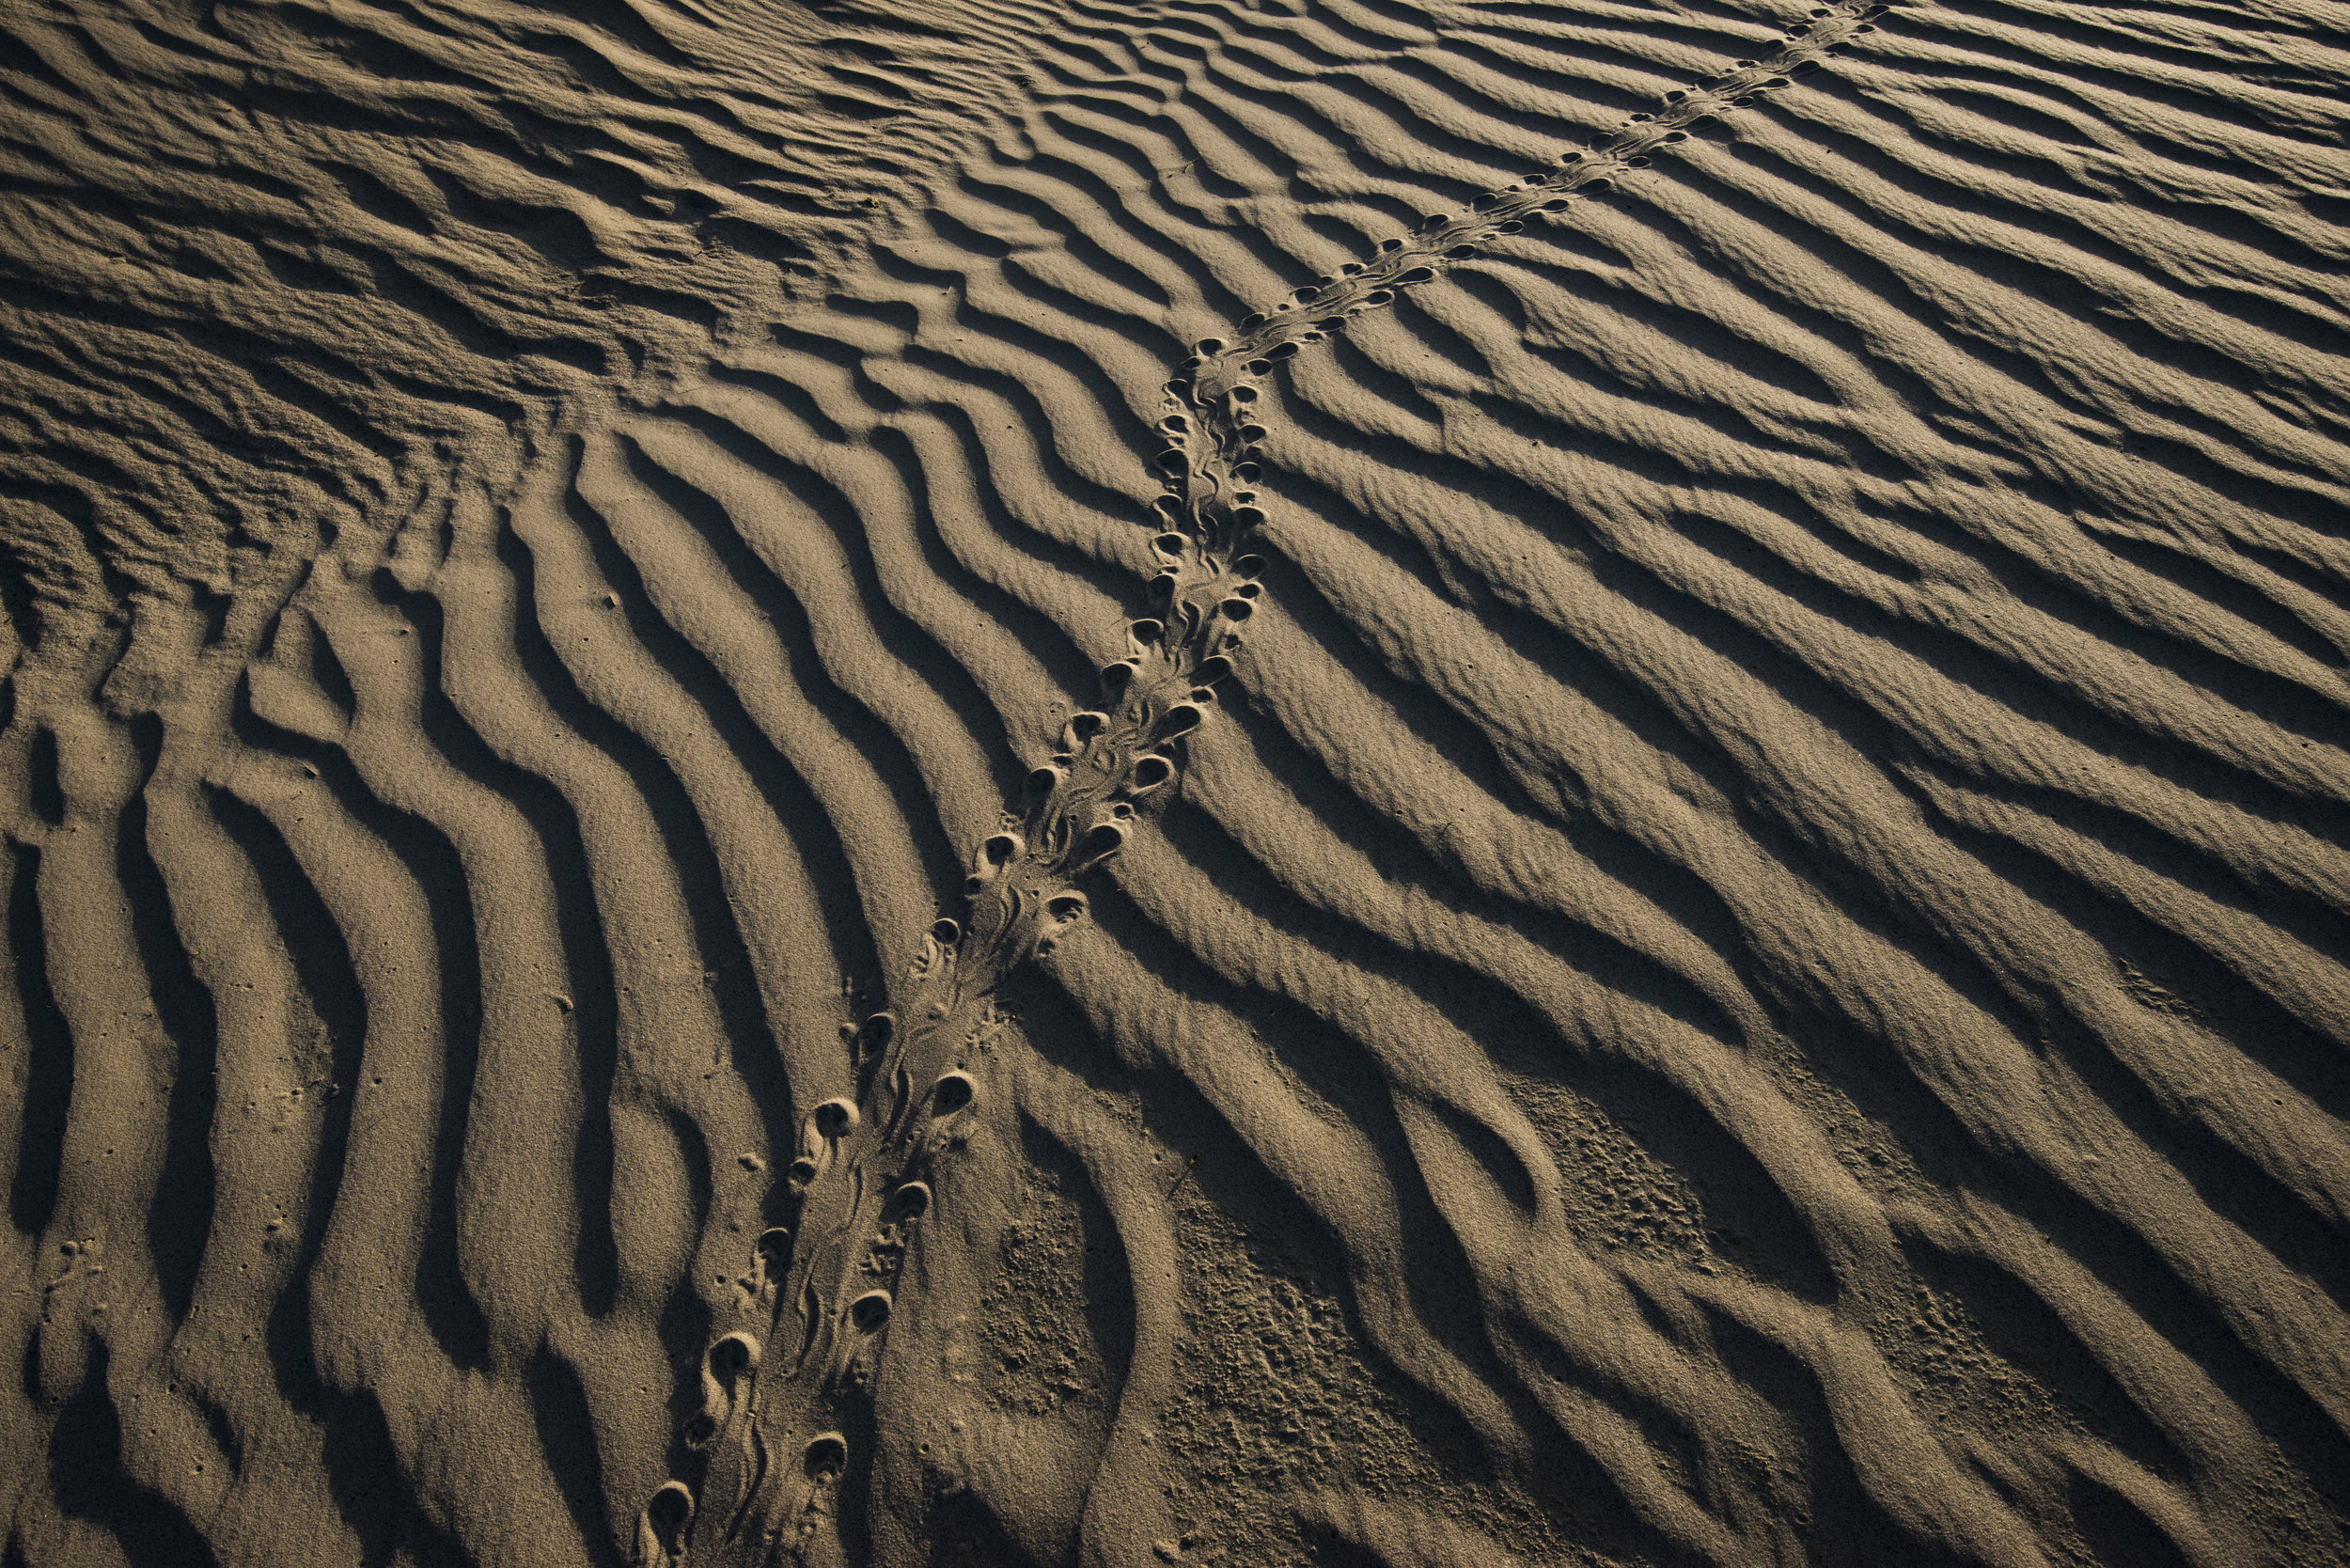 Ornate box turtle tracks on the Switzer ranch in the Nebraska Sandhills. (Michael Forsberg)